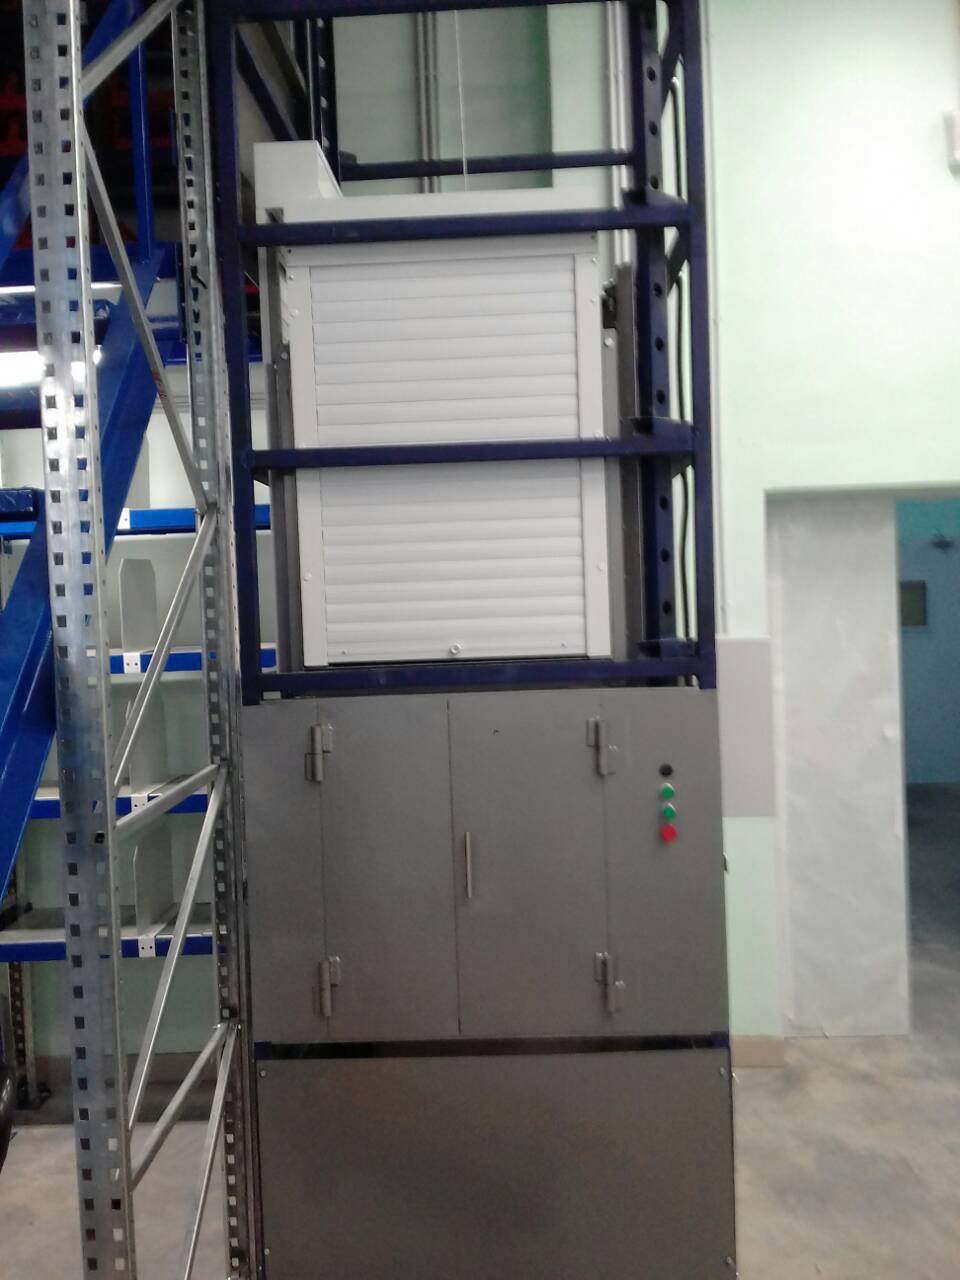 Малогрузовой лифт, малогрузовой подъемник в металлокаркасной шахте, сервисный подъемник, кухонный подъемник, подъемник для ресторана, лифт для ресторана